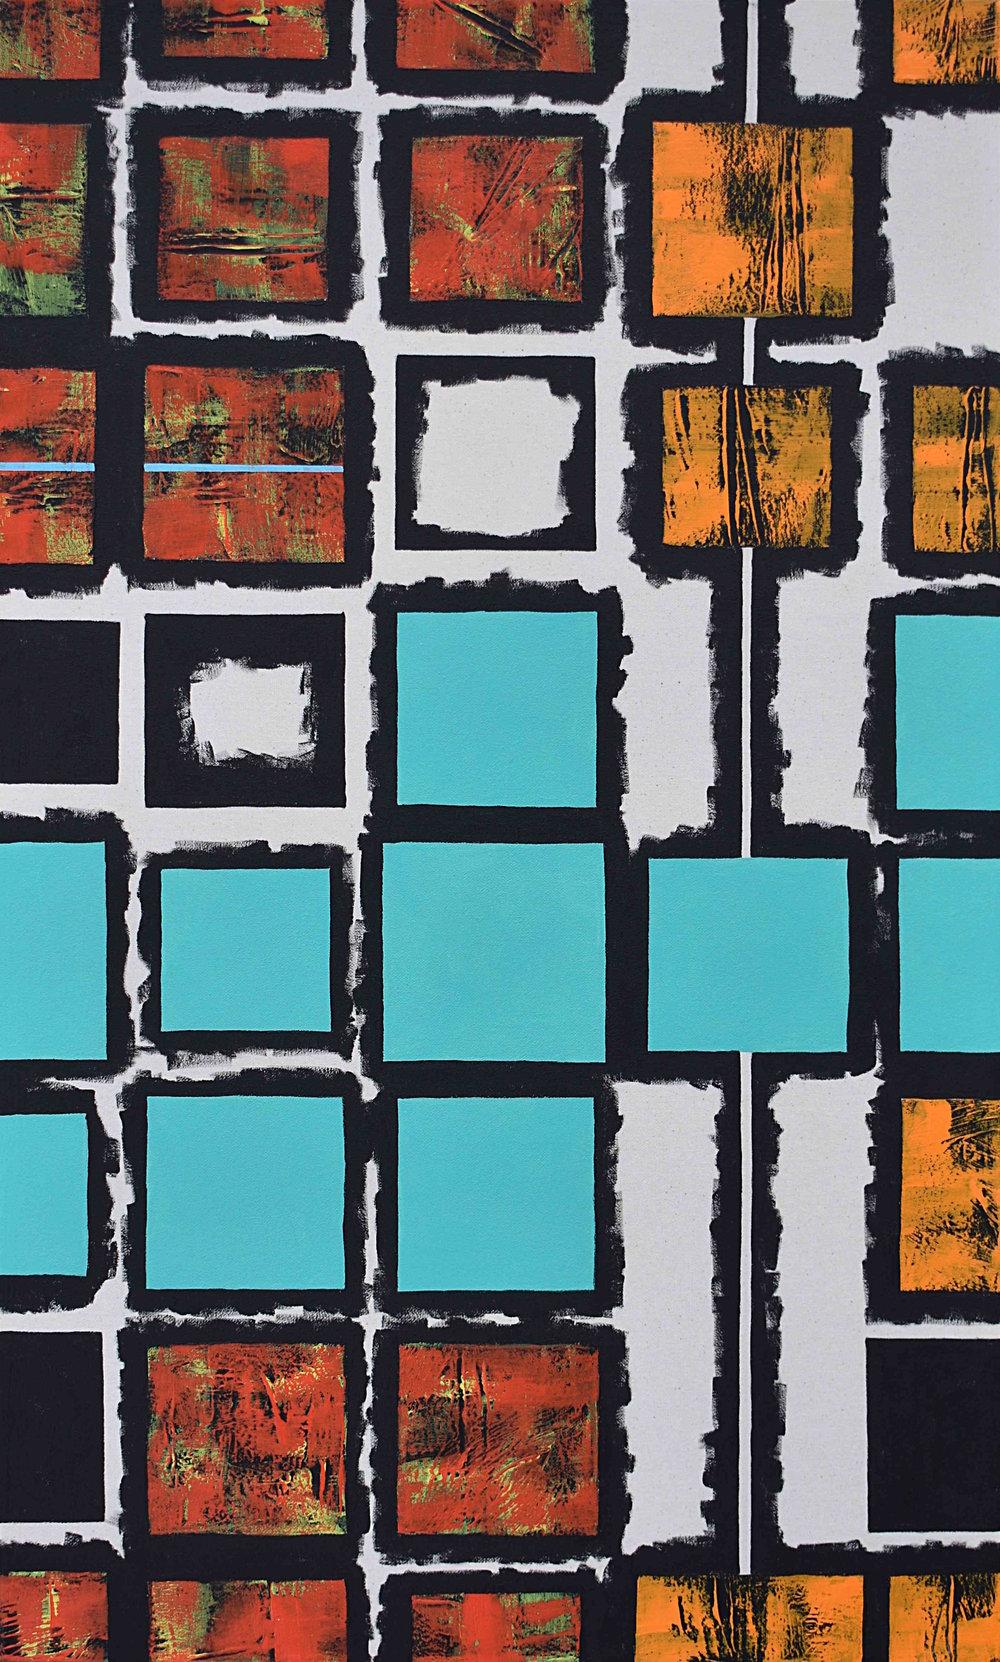 Squares 3